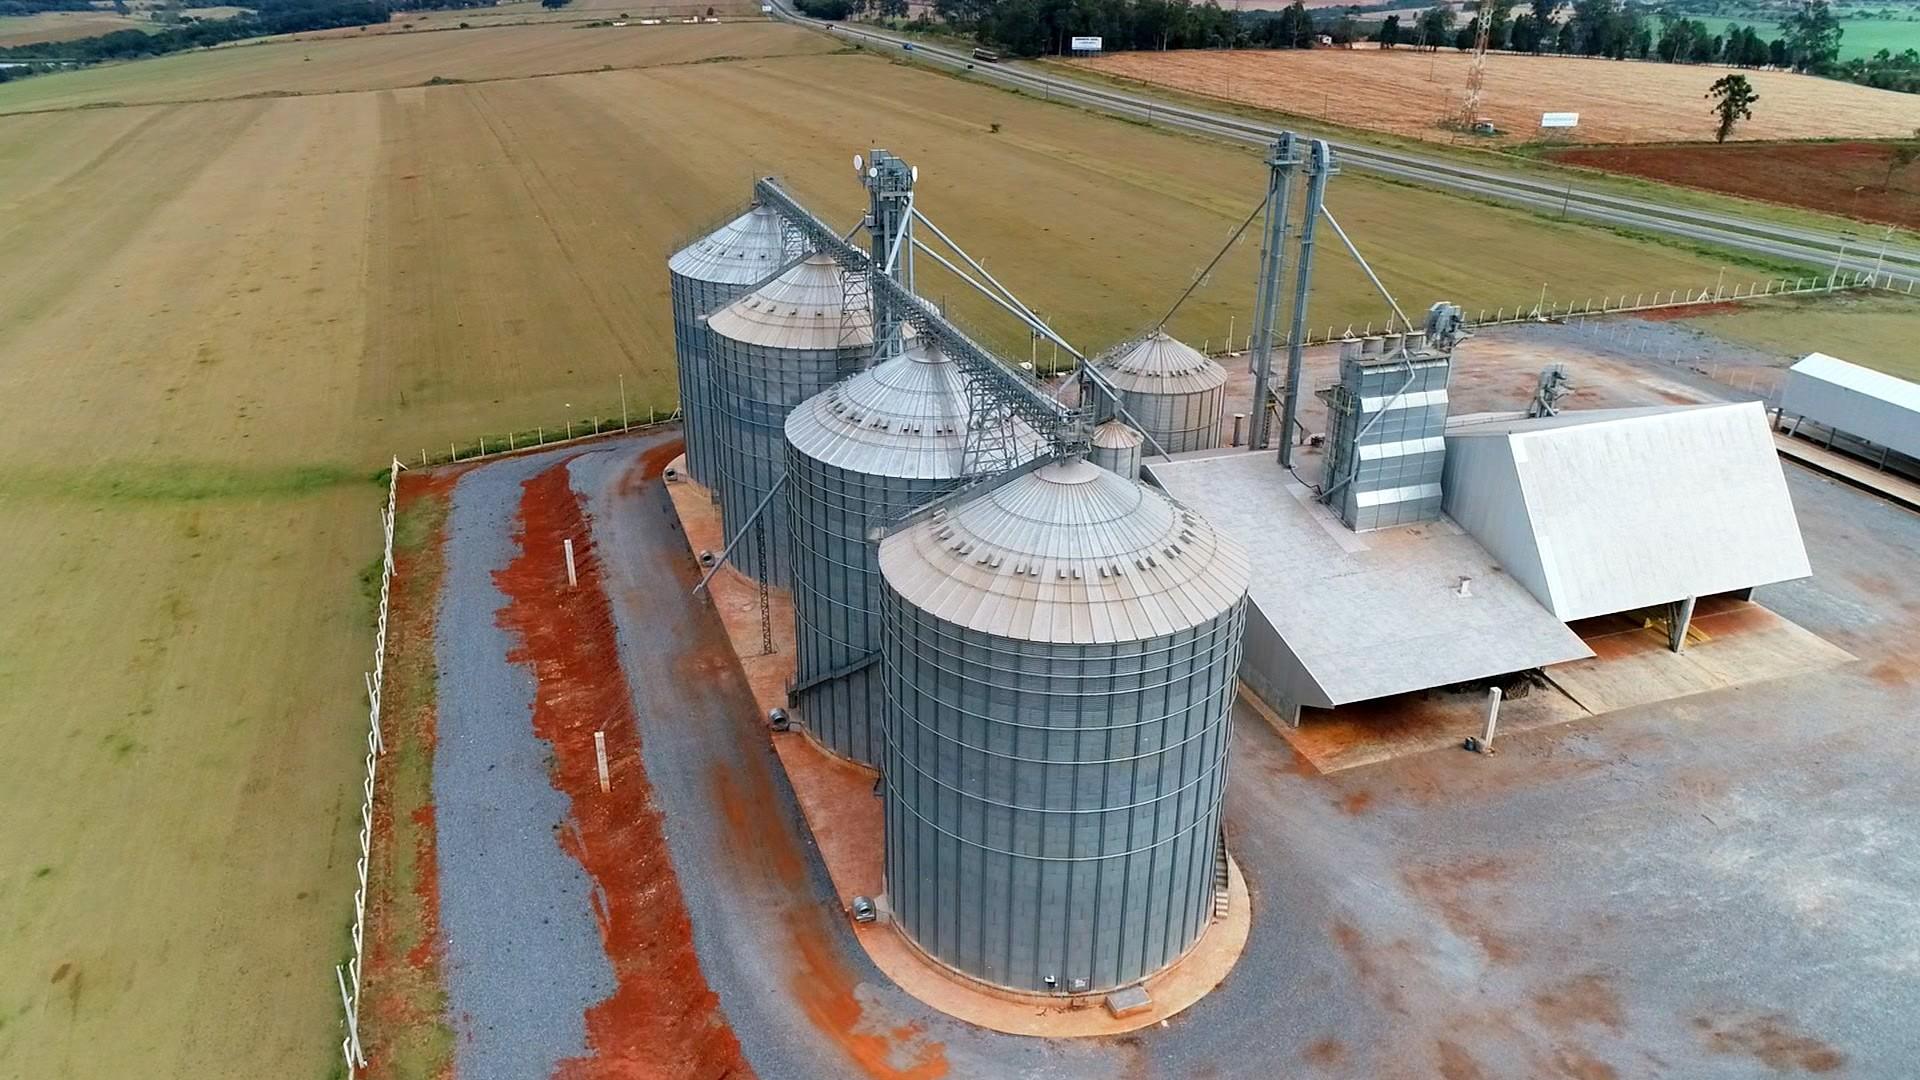 Supersafra cria desafio para estocar grãos - Notícias - Plantão Diário